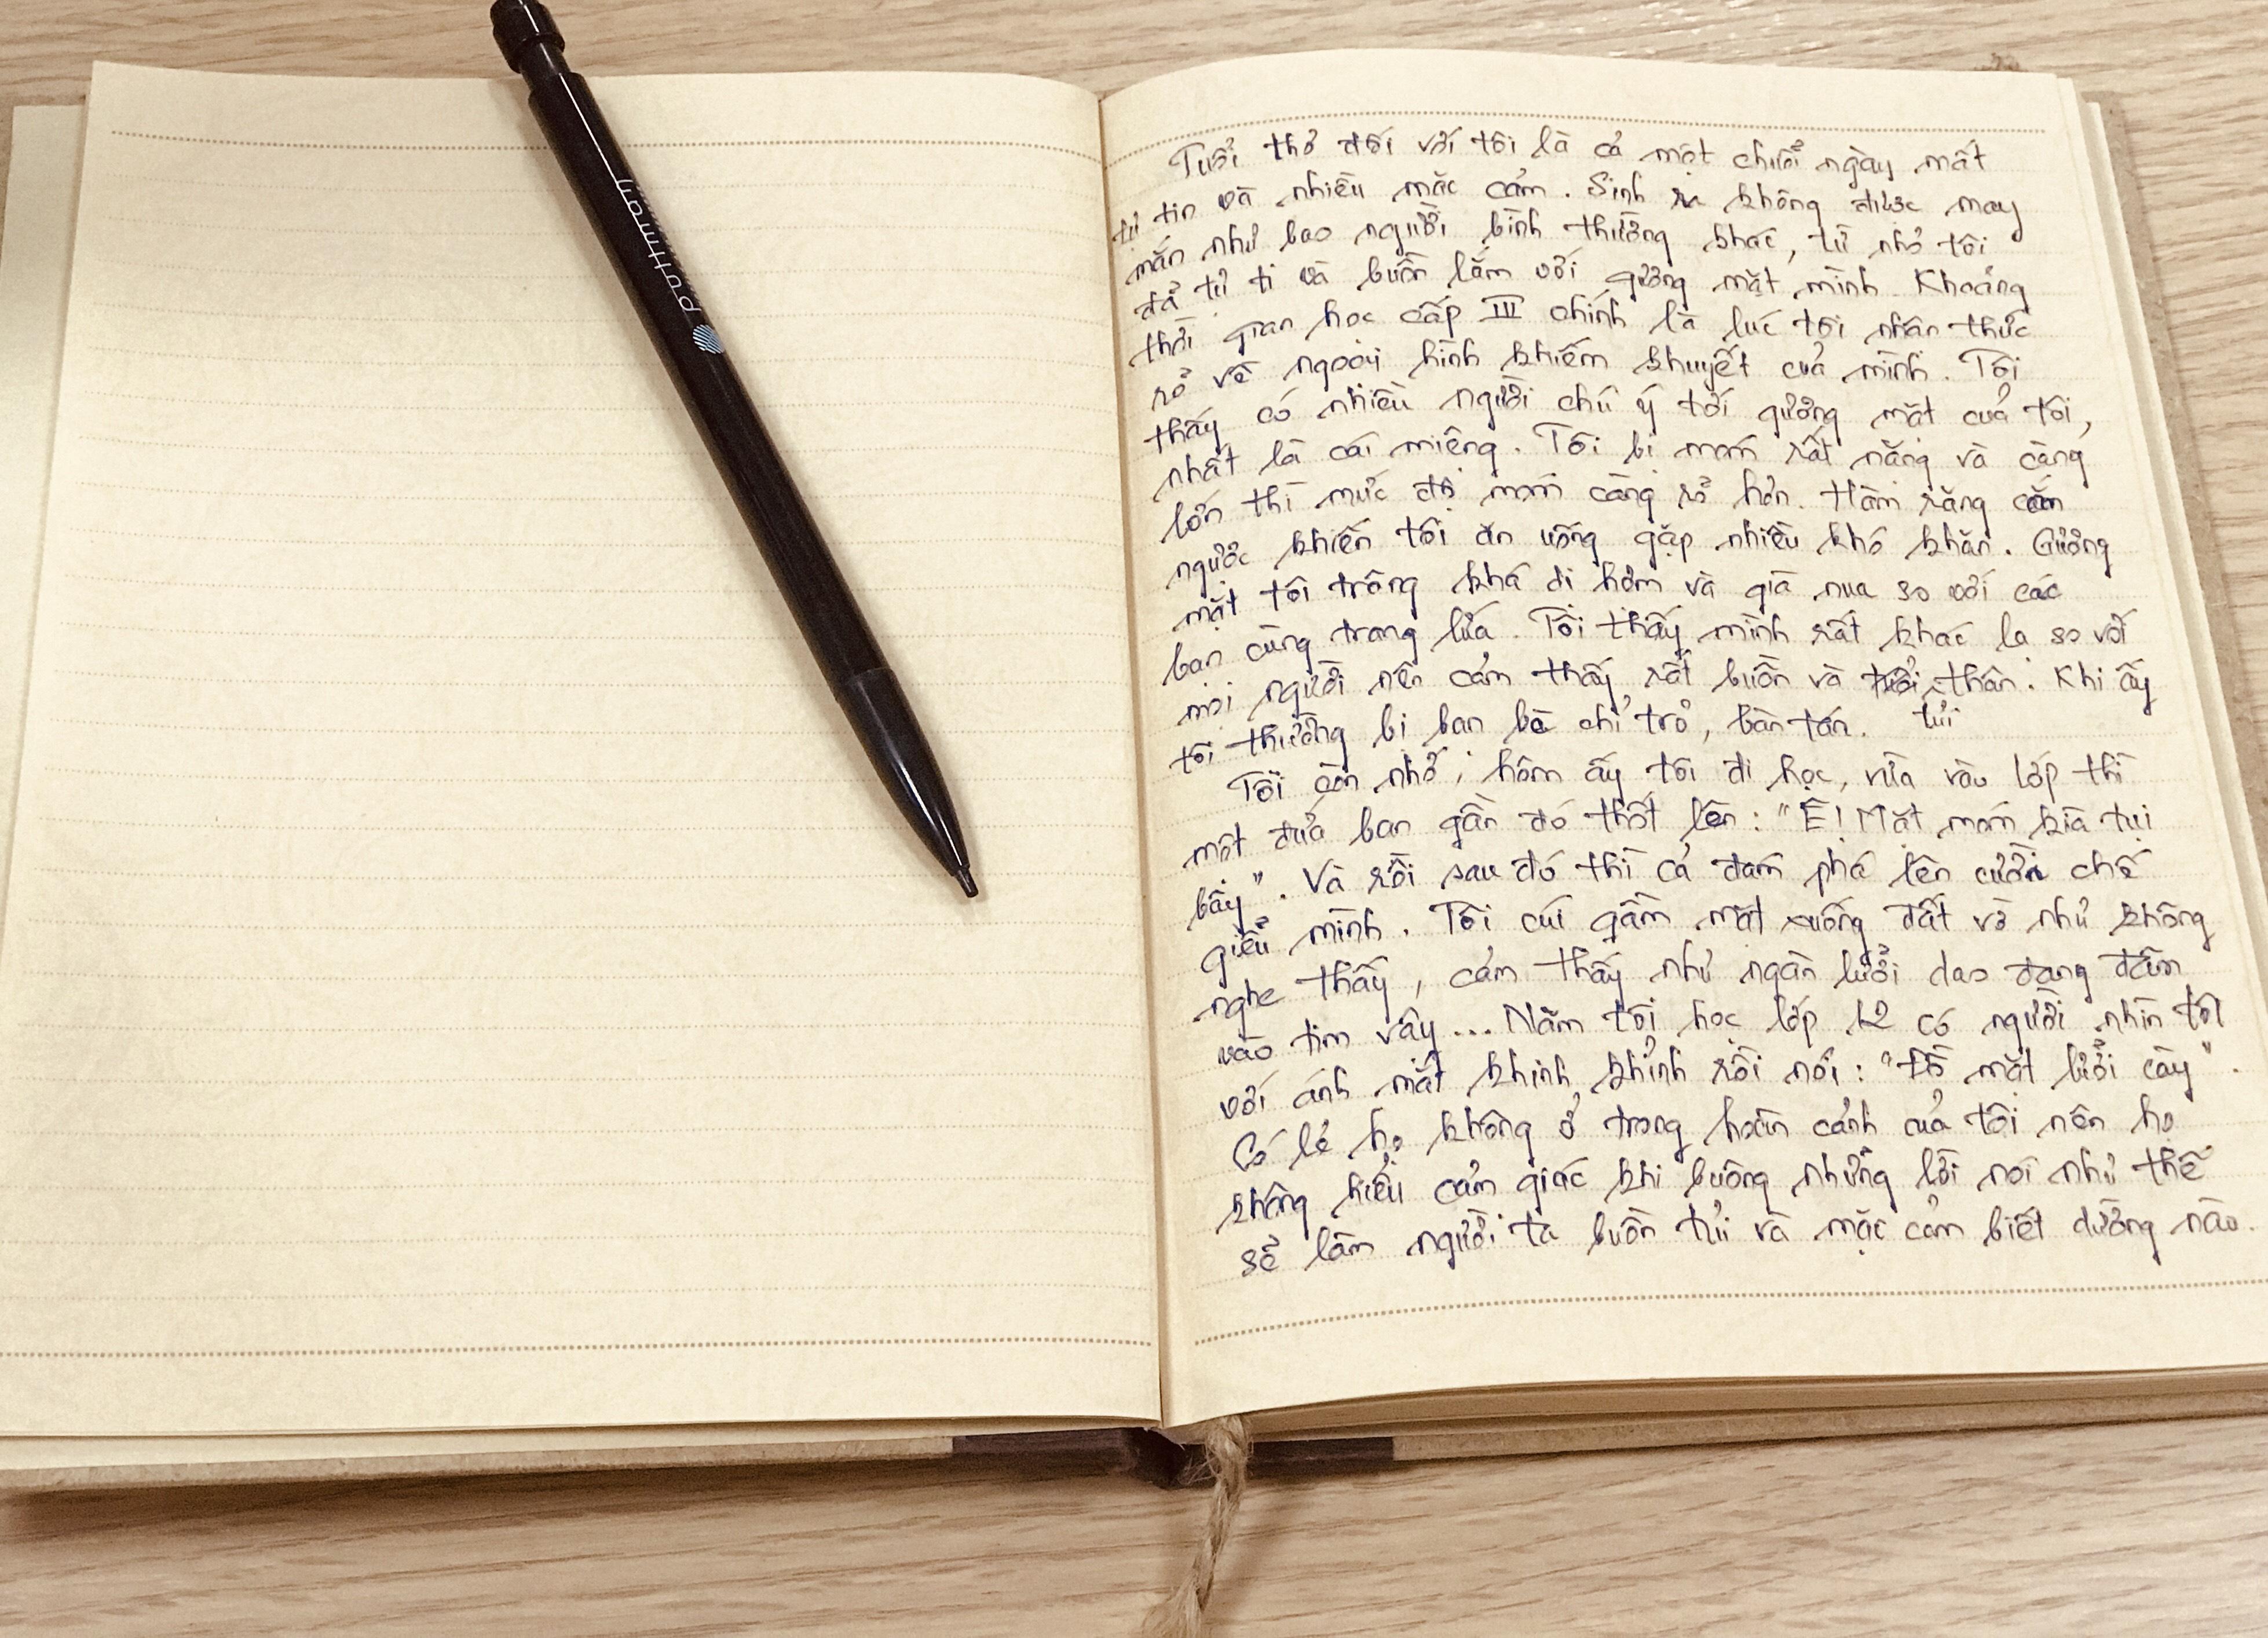 Xôn xao bức tâm thư và điều kì diệu dành cho thạc sĩ xe ôm - Ảnh 6.